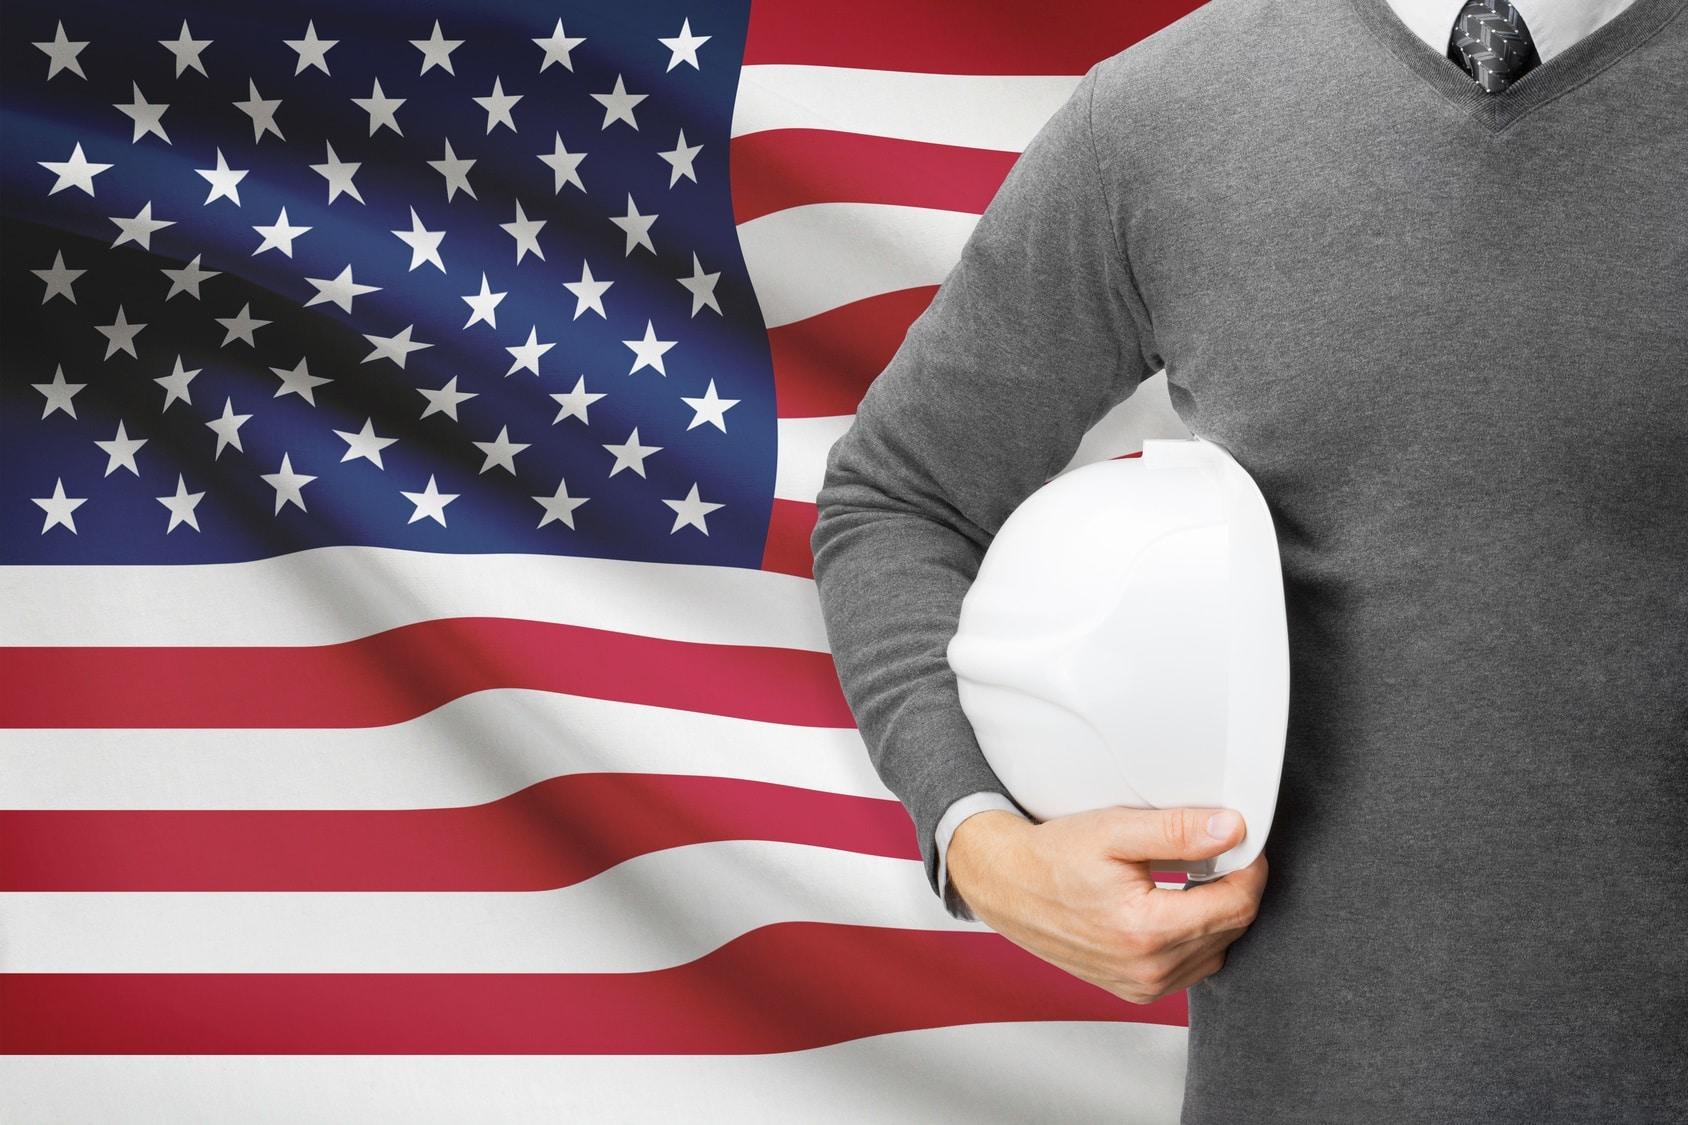 Estados Unidos criam 10 milhões de vagas de emprego e aumentam interesse dos brasileiros